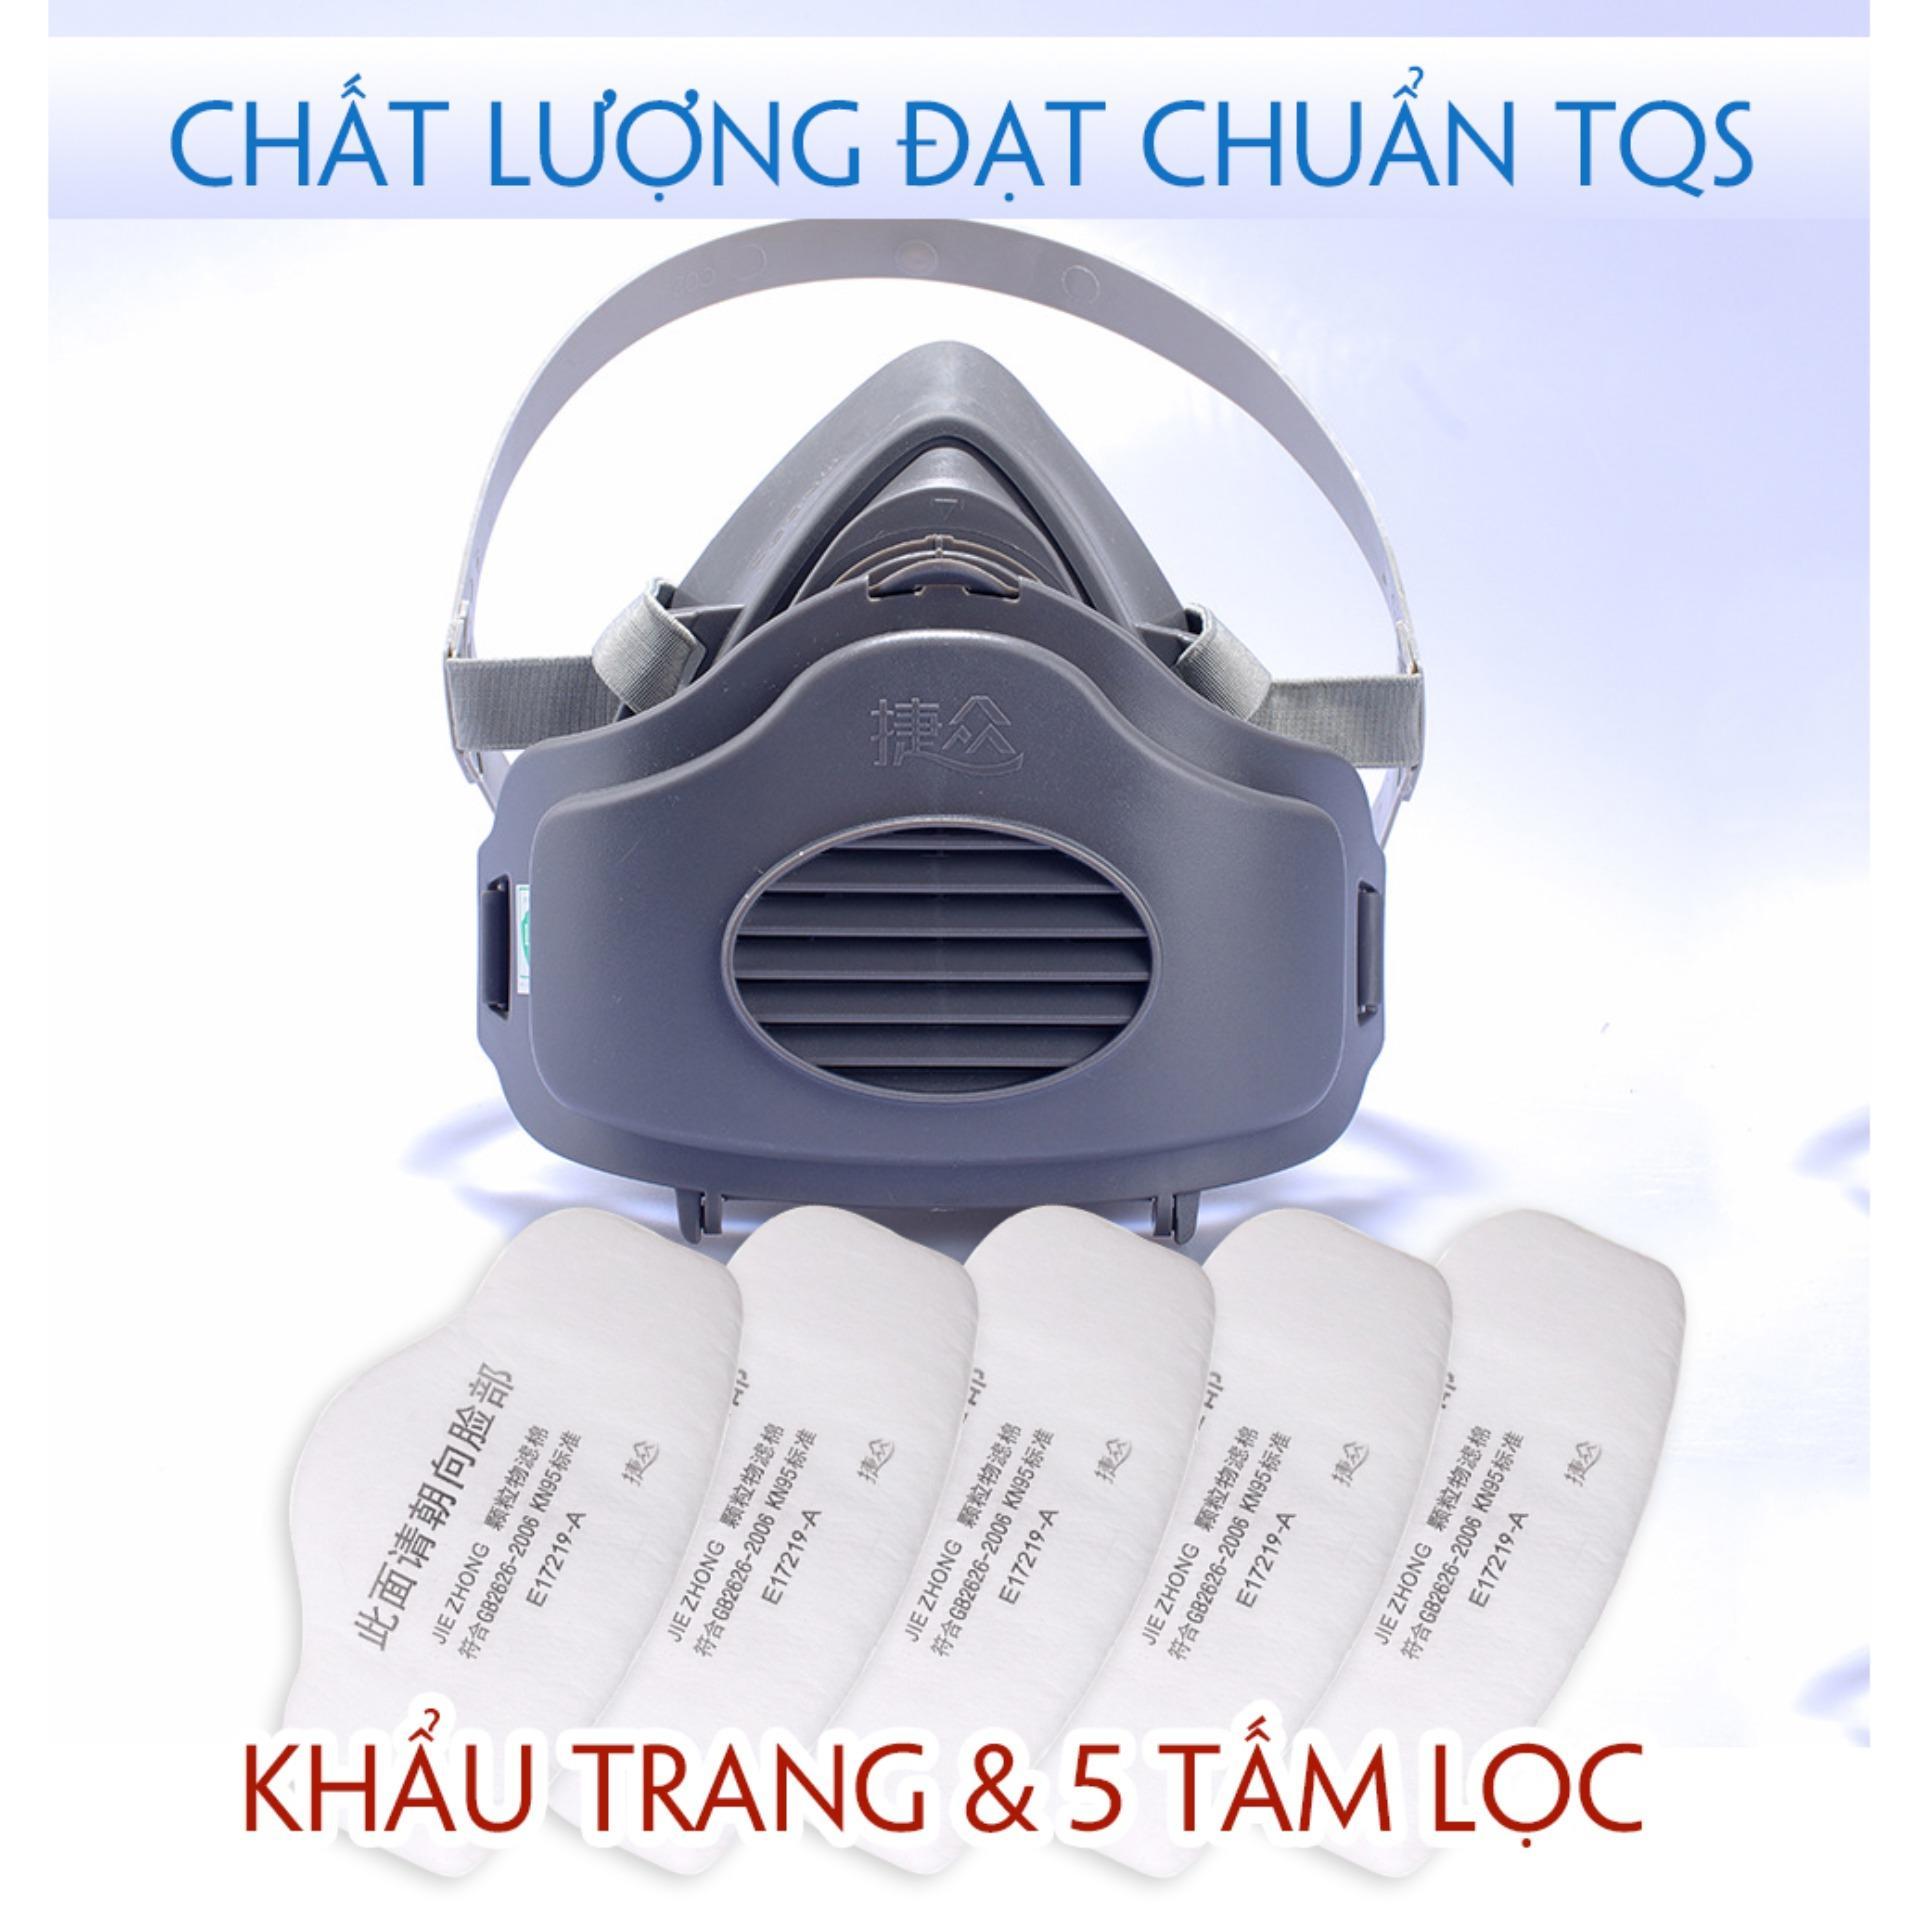 Khẩu trang mặt nạ phòng lọc khói bụi khí độc kèm 5 tấm bông phin lọc lót kháng khuẩn Legaxi